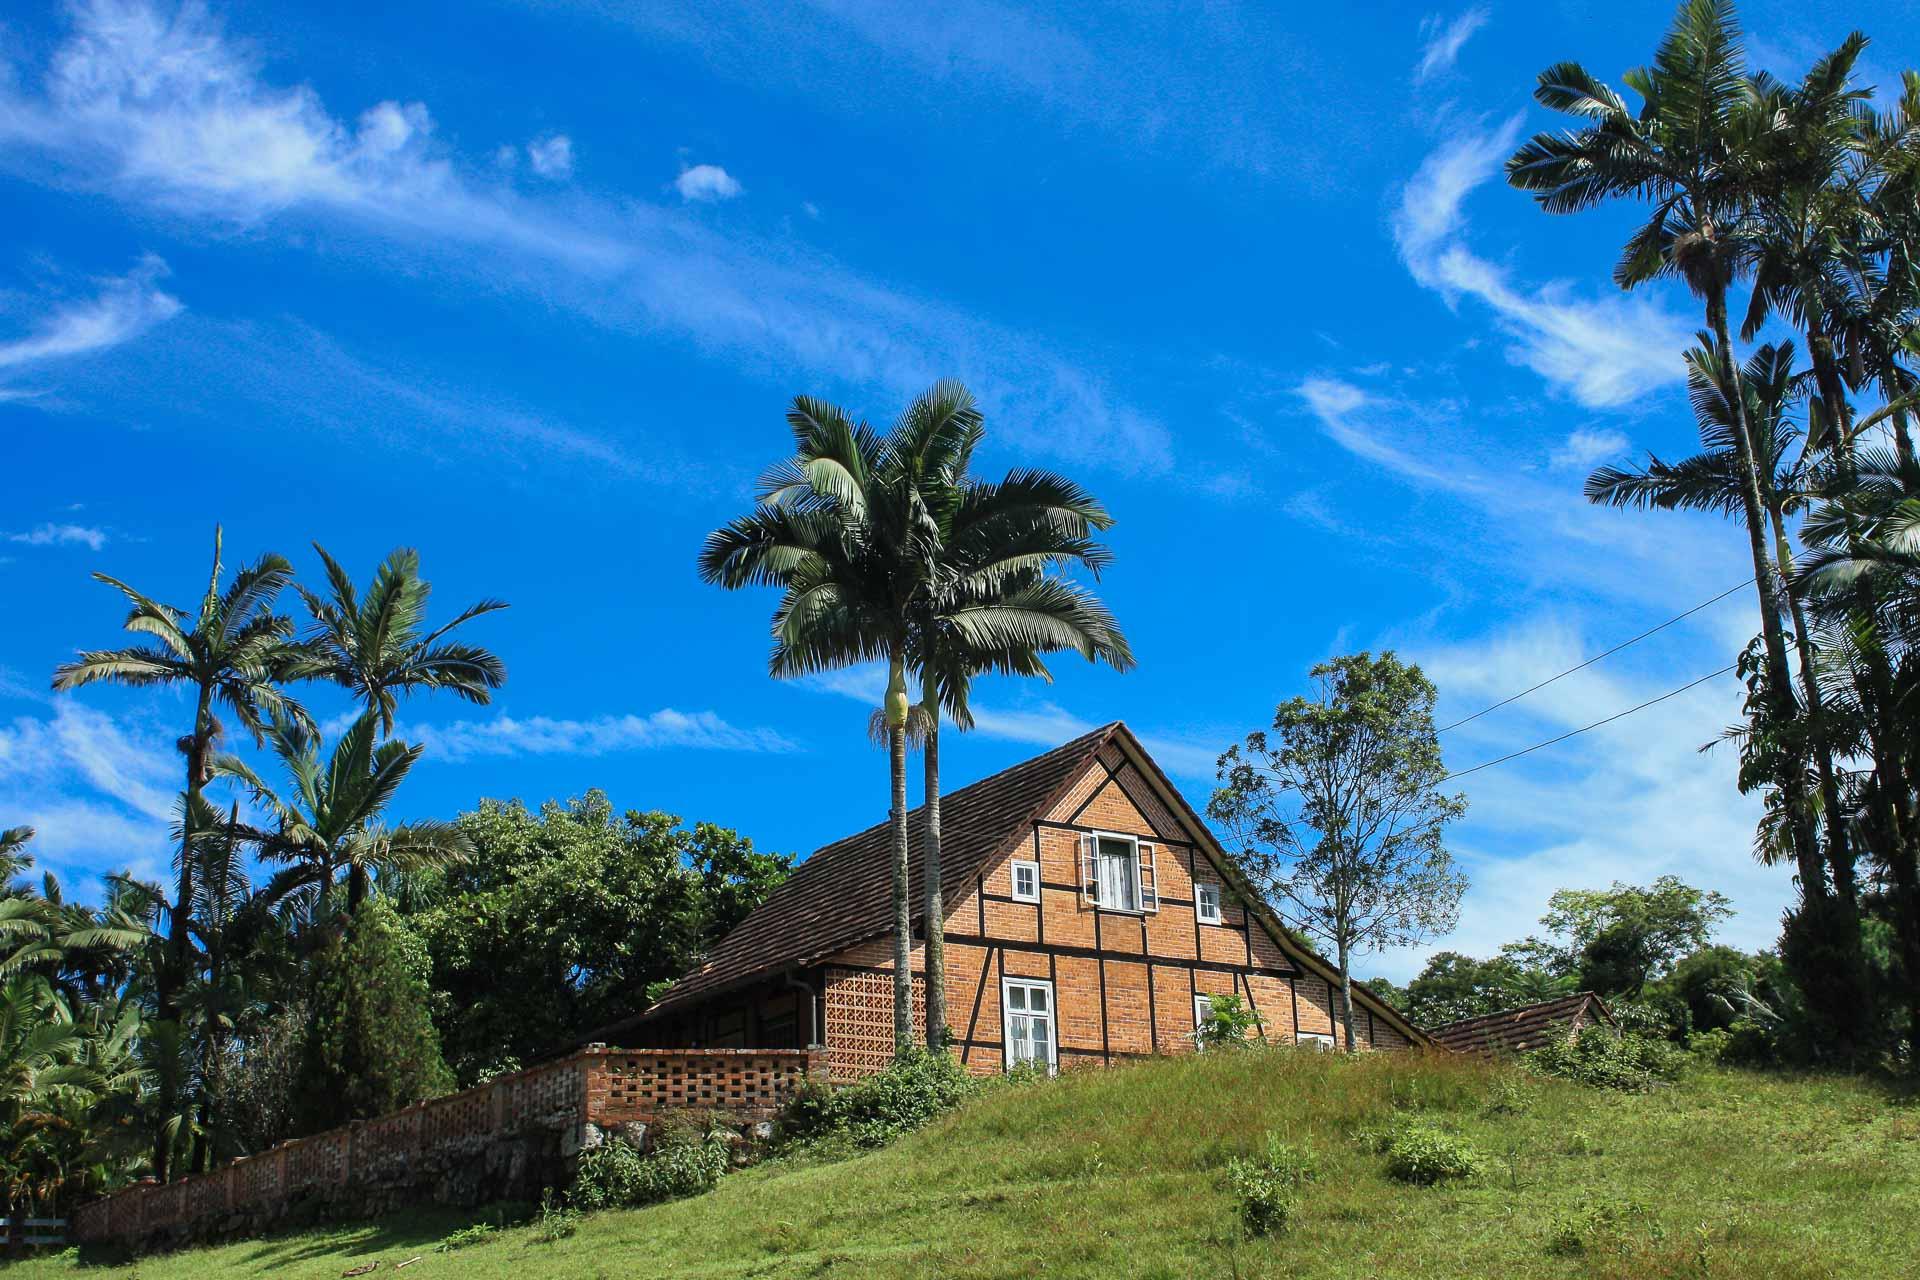 Casa construída com técnica enxaimel no bairro Tribess, em Blumenau